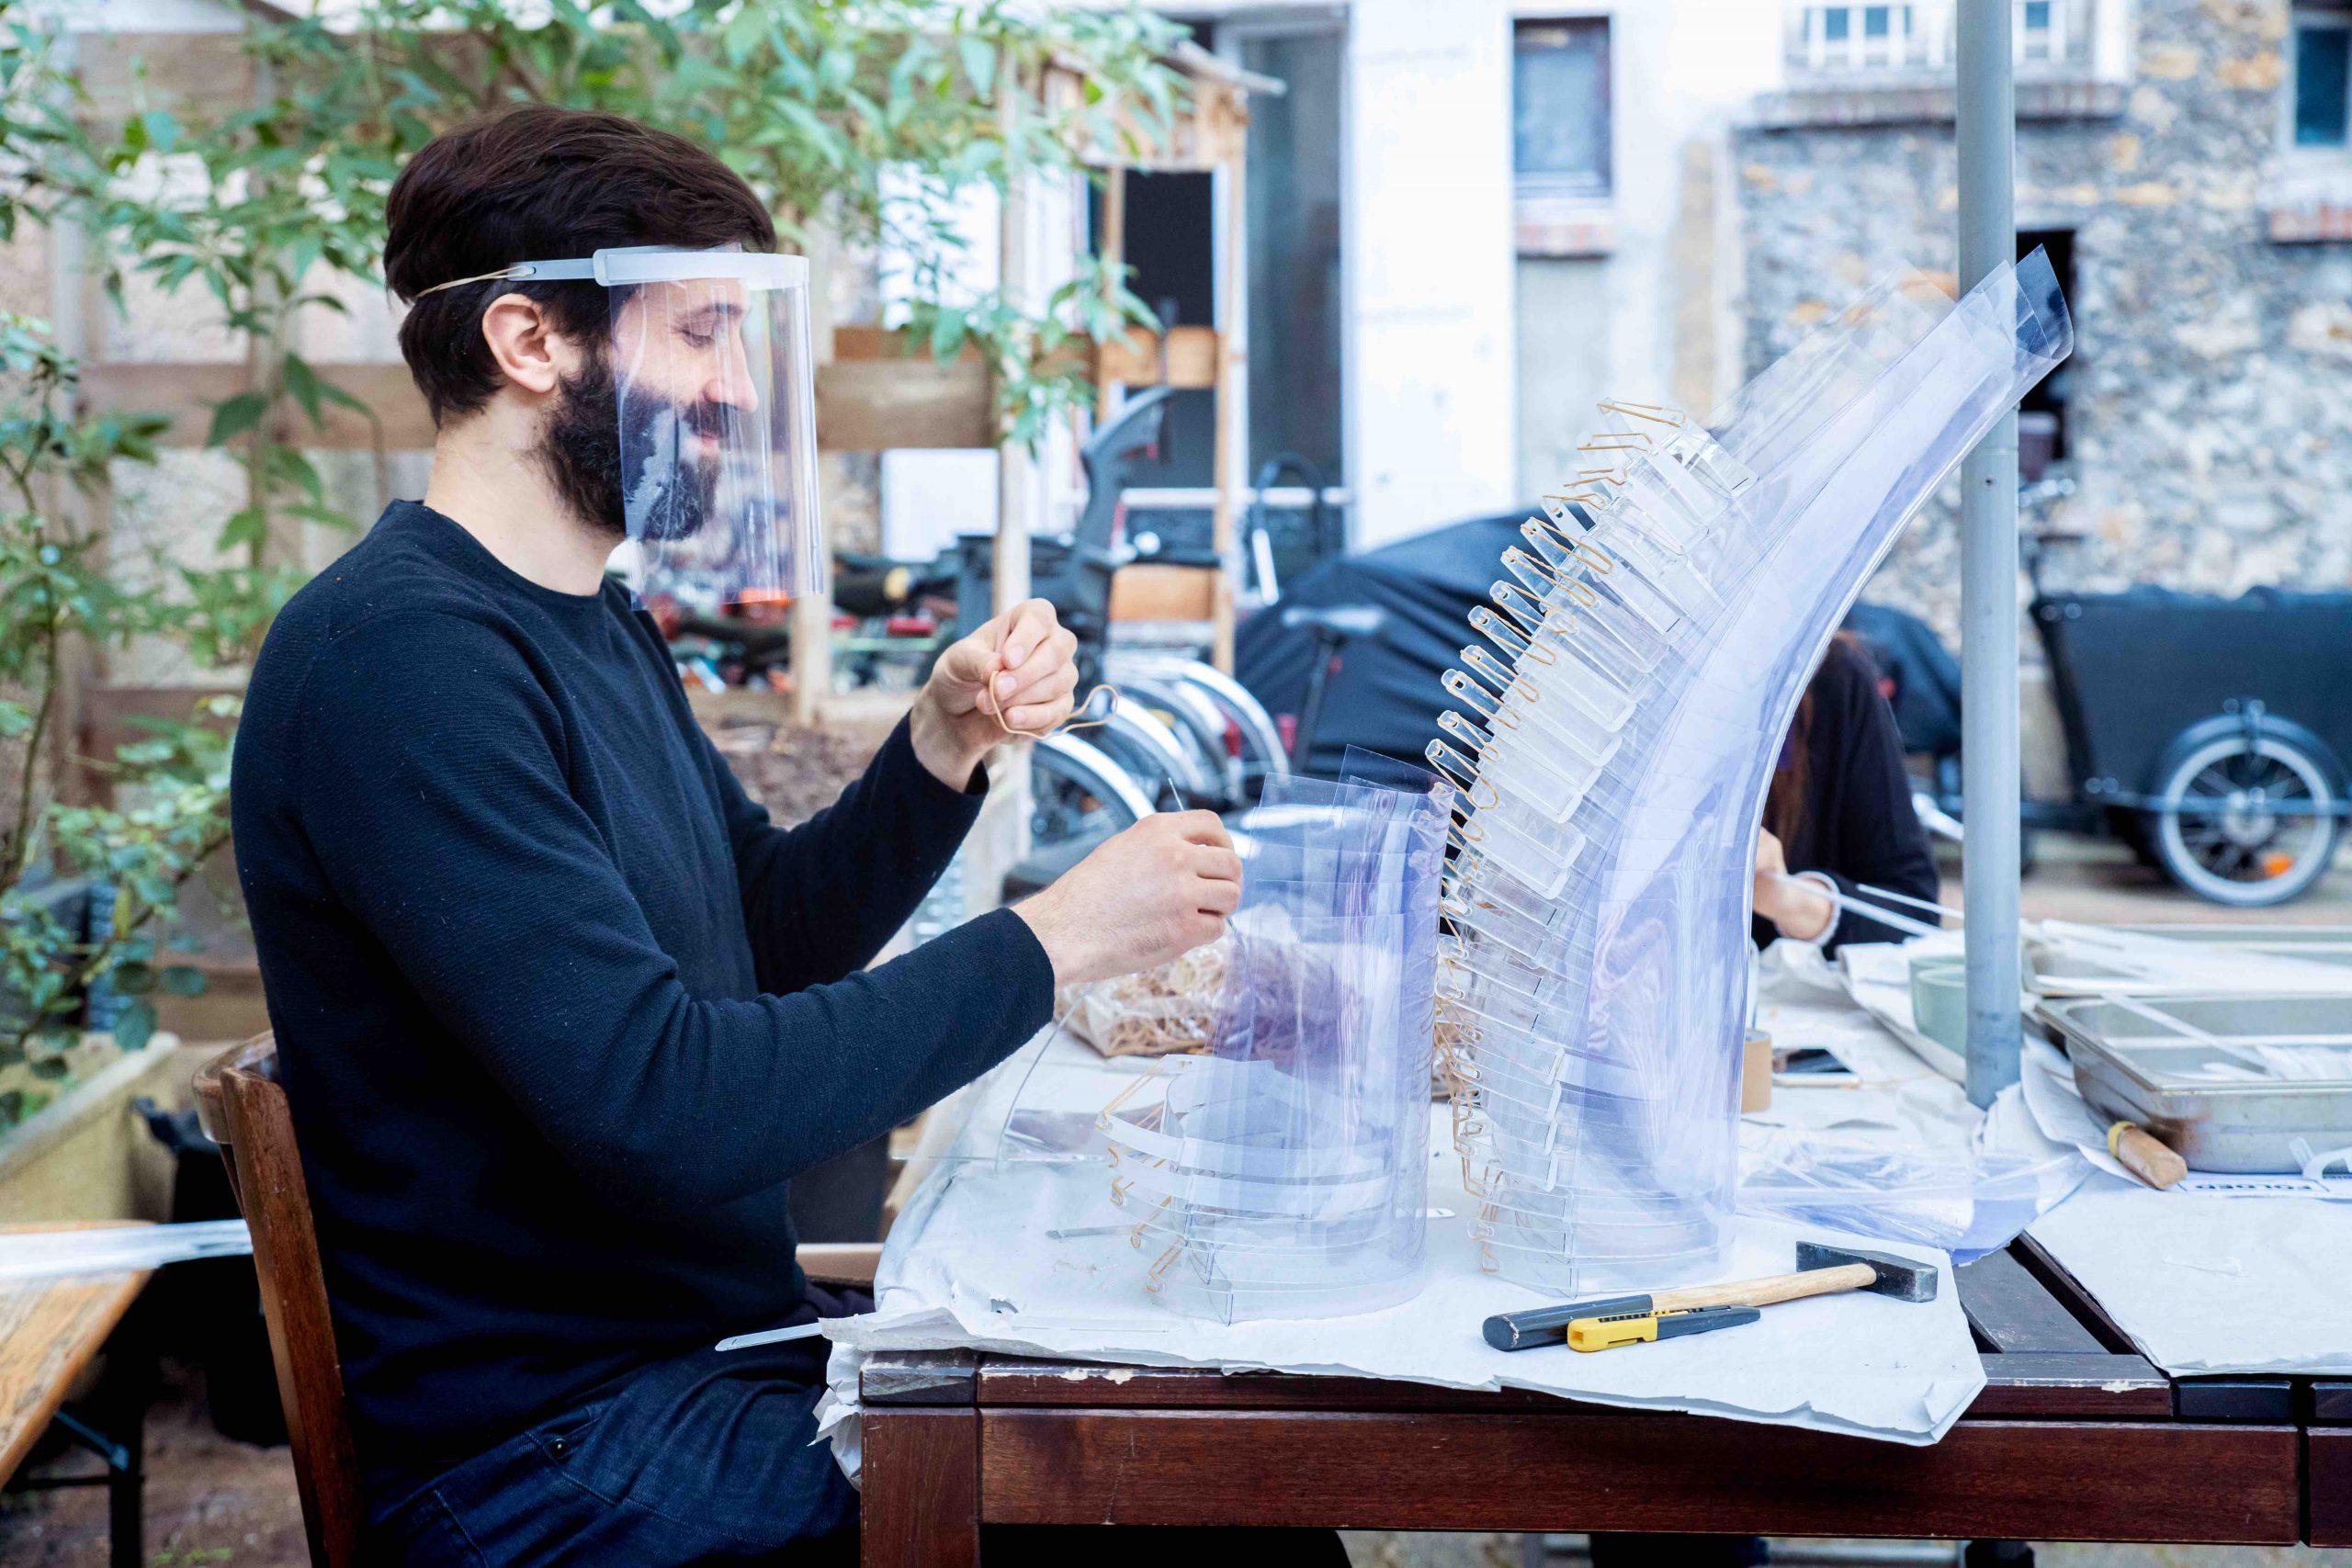 Un-voisin-venu-prêté-main-forte-à-léquipe-du-Makerspace-Volumes-crédit-photo-Quentin-Chevrier